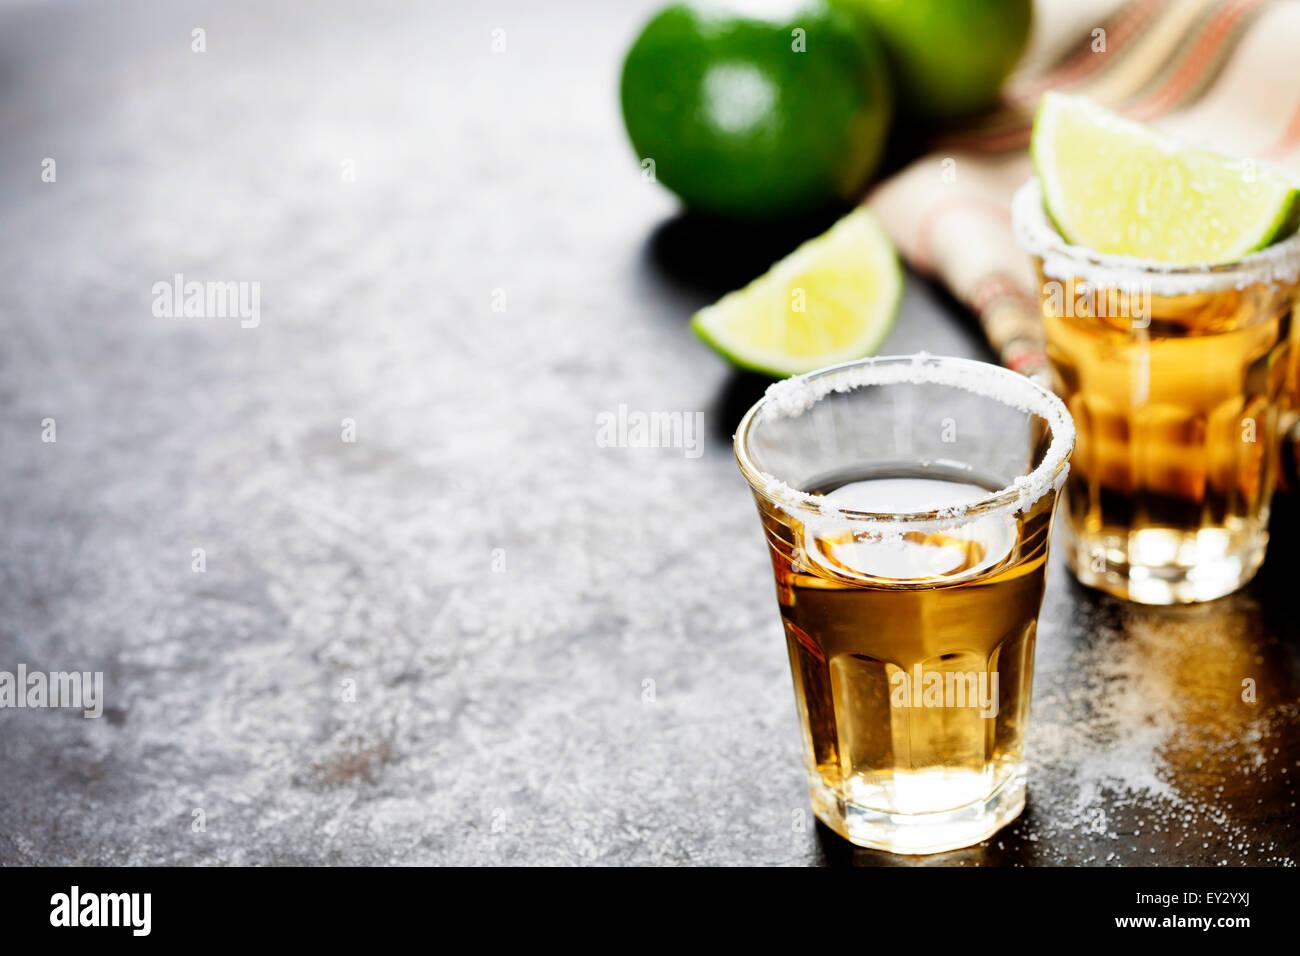 Tequila riprese con calce e sale su sfondo rustico Immagini Stock